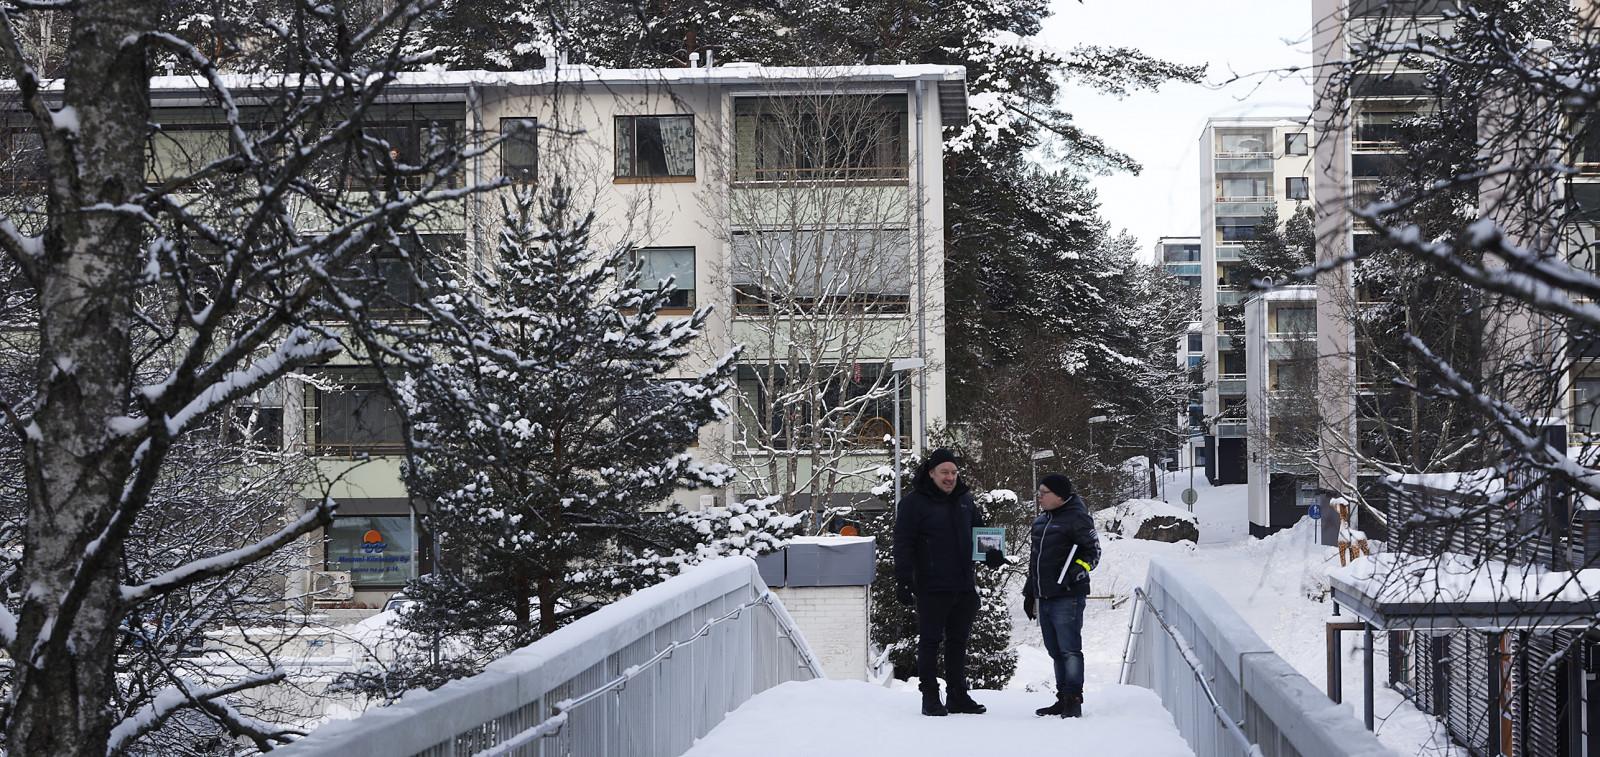 Talvinen maisema lähiöstä, kävelysillalla seisovat Turun lähiöt -kirjan tekijät Mikko Laaksonen ja Petri Aalto.